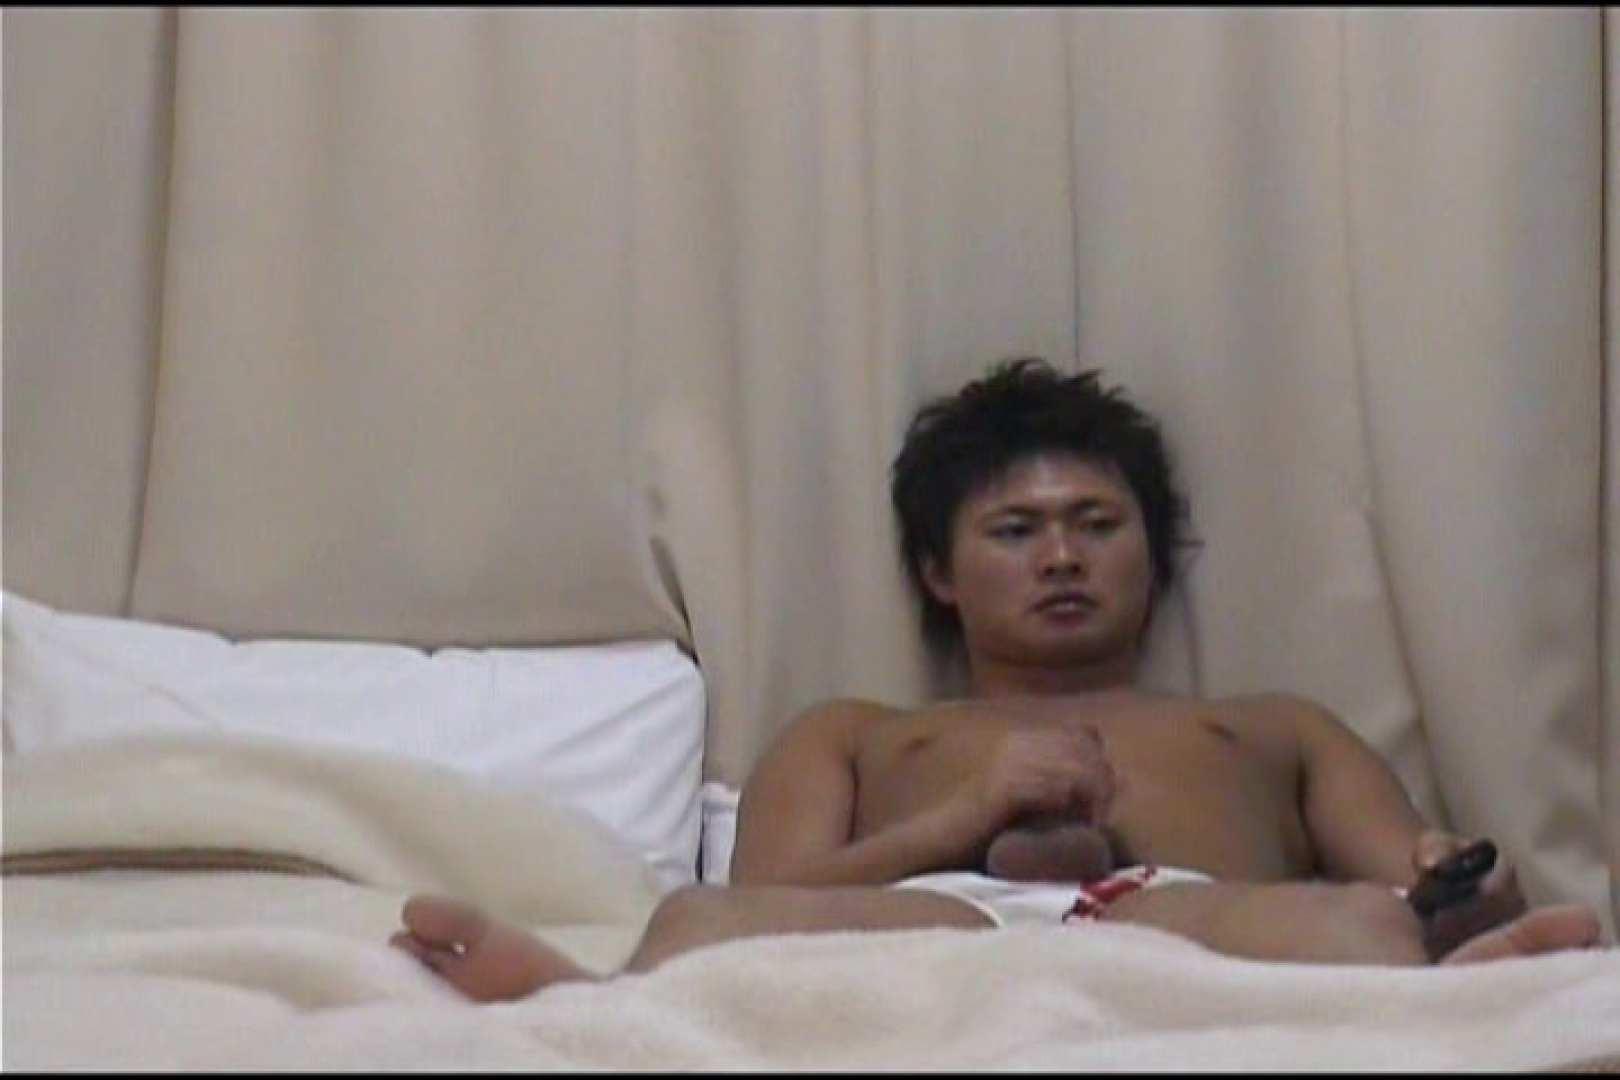 目線解禁!ノンケイケメン自慰行為編特集!VOL.01 裸男子 ゲイ無修正動画画像 107枚 43